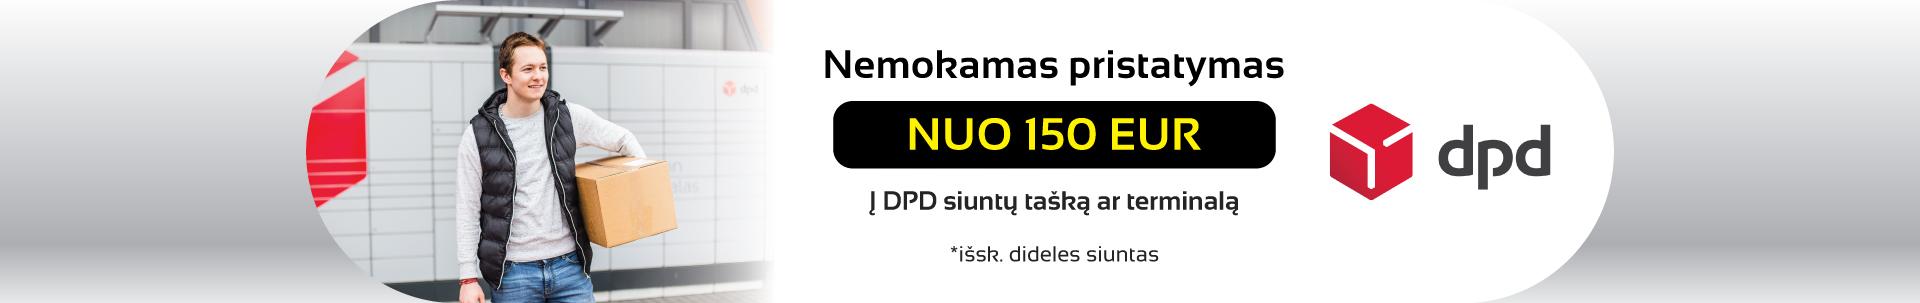 Nemokamas pristatymas nuo 150 EUR